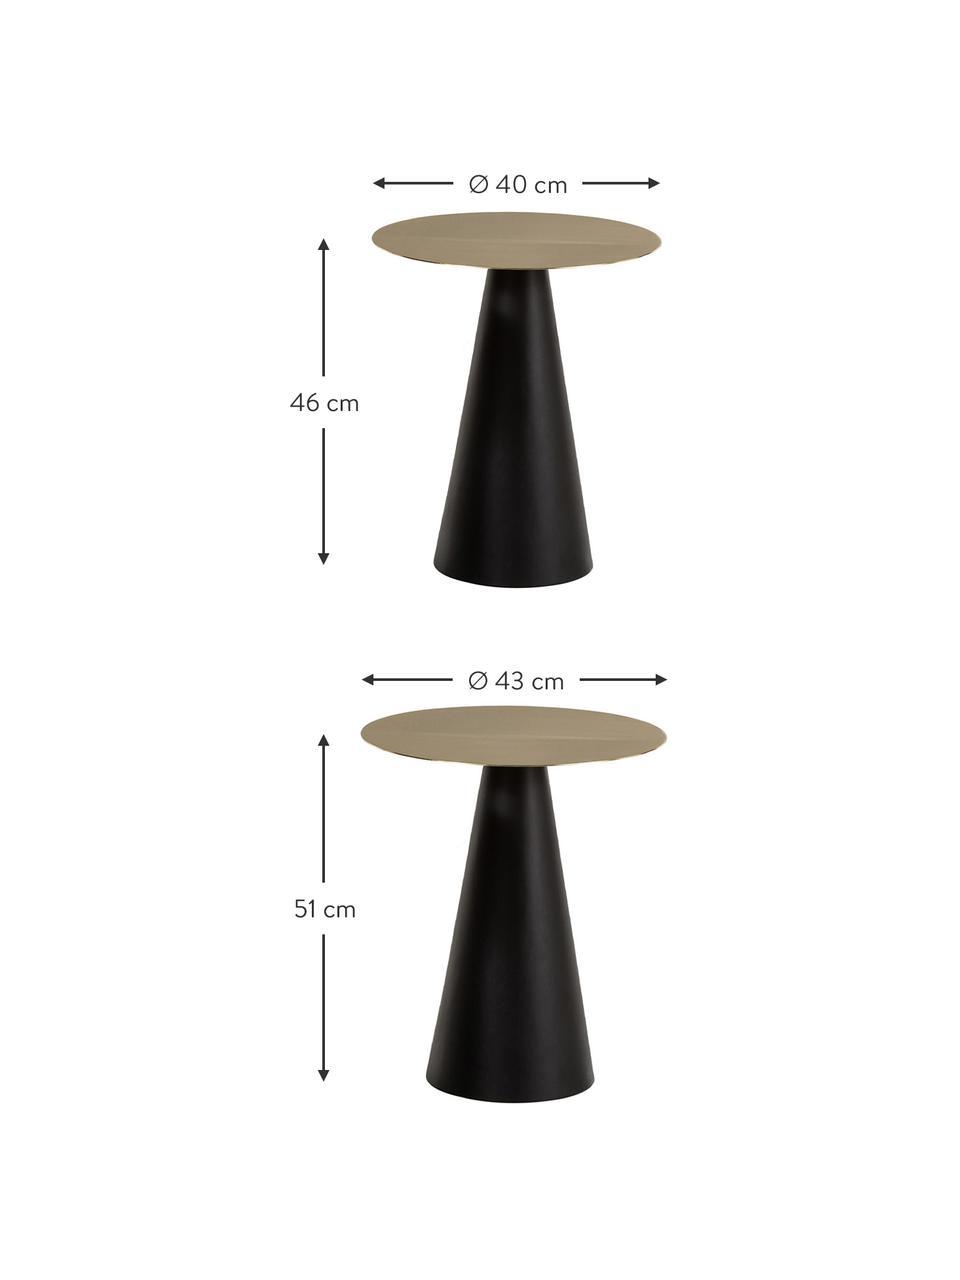 Bijzettafelset Zelda van metaal, 2-delig, Frame: gepoedercoat metaal, Goudkleurig, zwart, Set met verschillende formaten